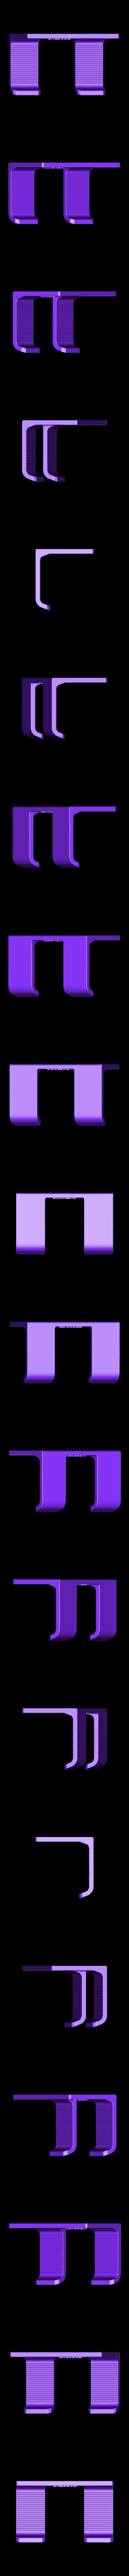 enforce_1500_screws.stl Télécharger fichier STL gratuit Marteau club 1500 Grammes support 040 I ENFORCE I pour vis ou chevilles • Design à imprimer en 3D, Wiesemann1893